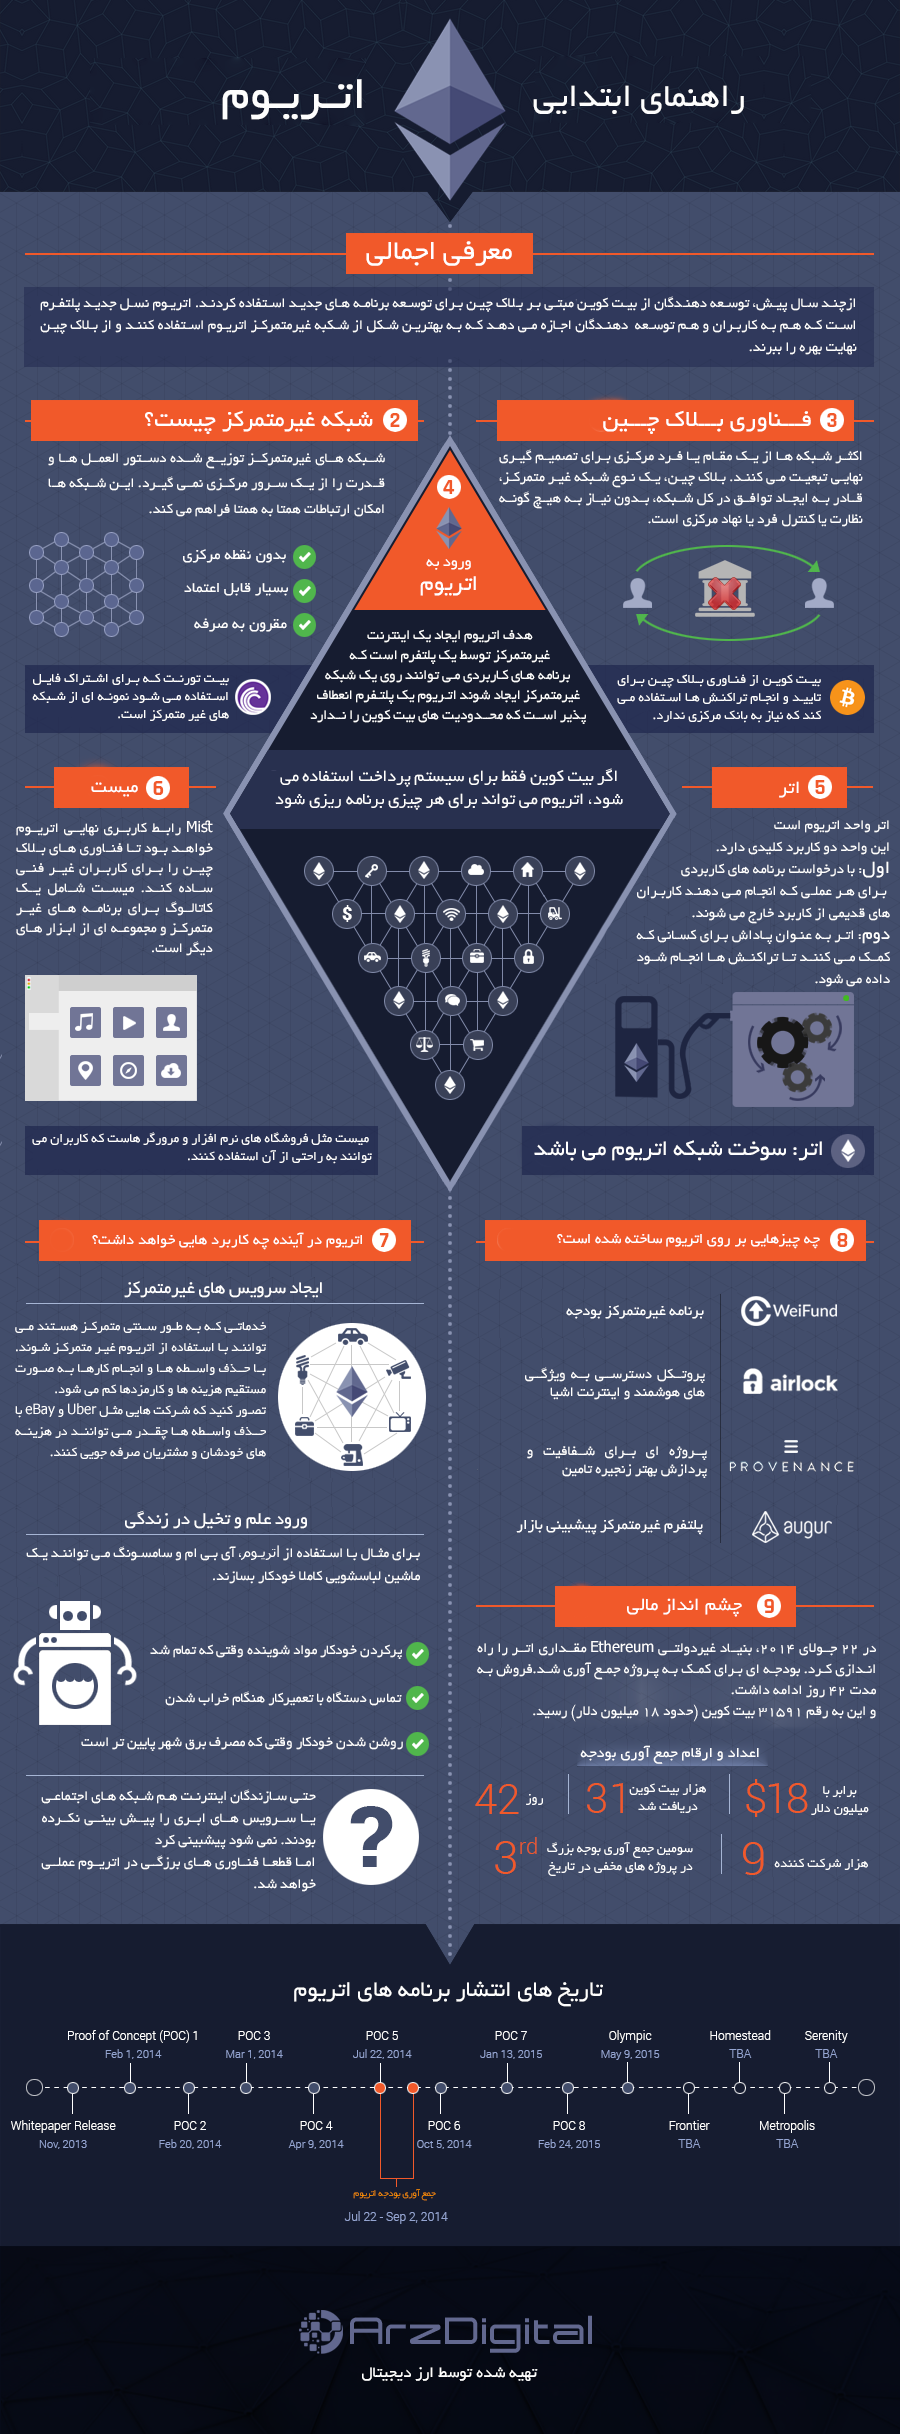 اینفوگرافیک|راهنمای اتریوم